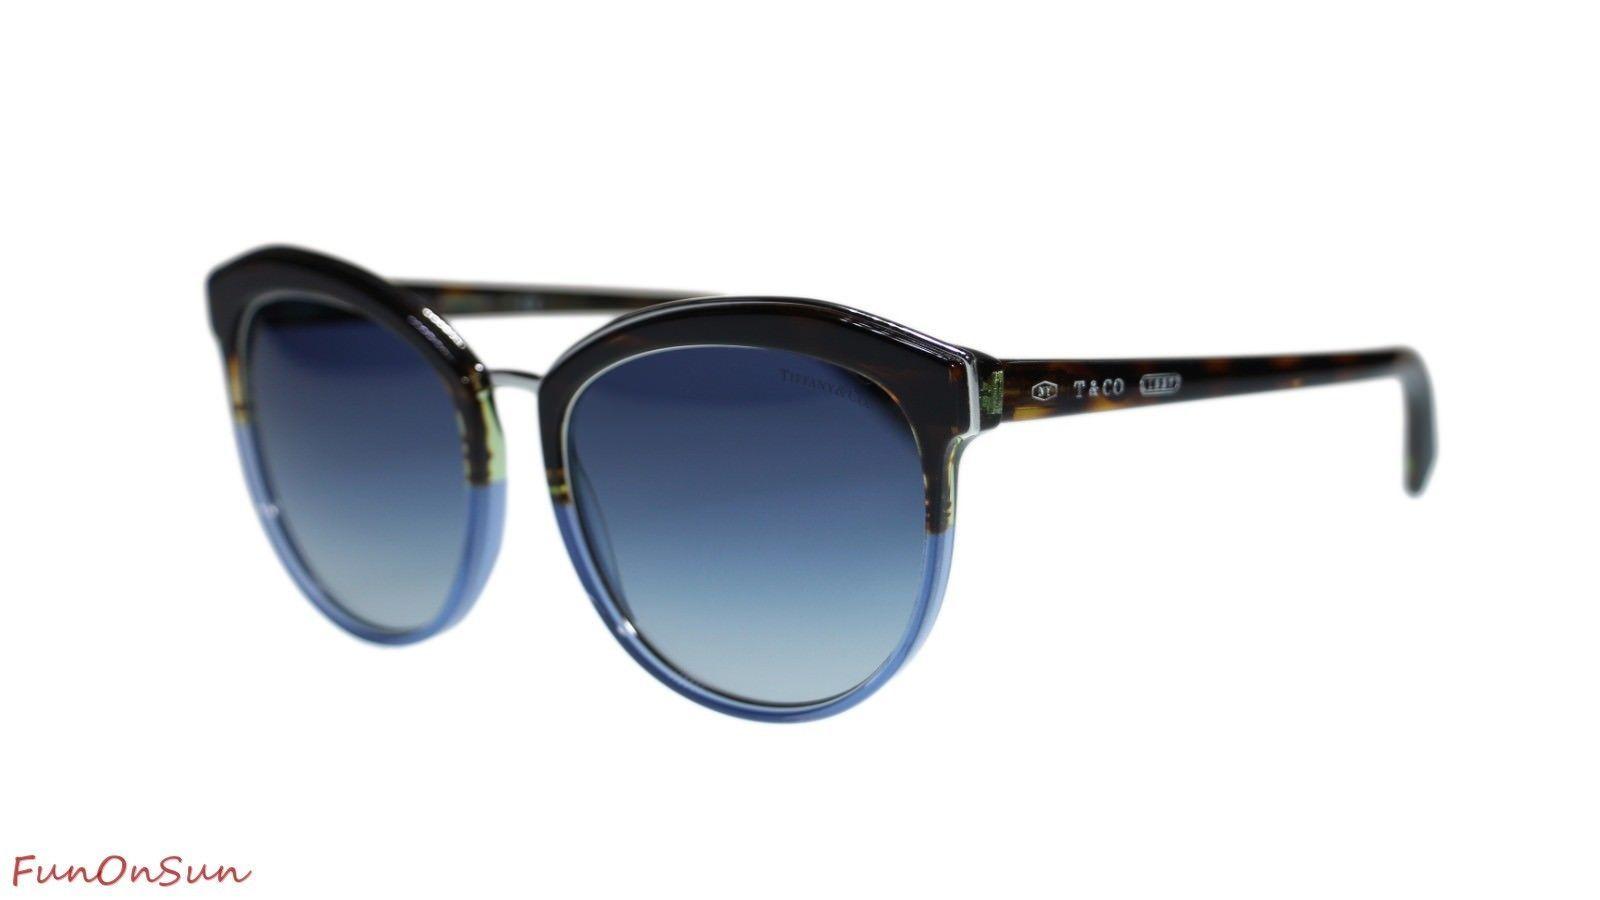 6aa39c54bffa TIFFANY CO Sunglasses TF4146 82464L Havana and 26 similar items